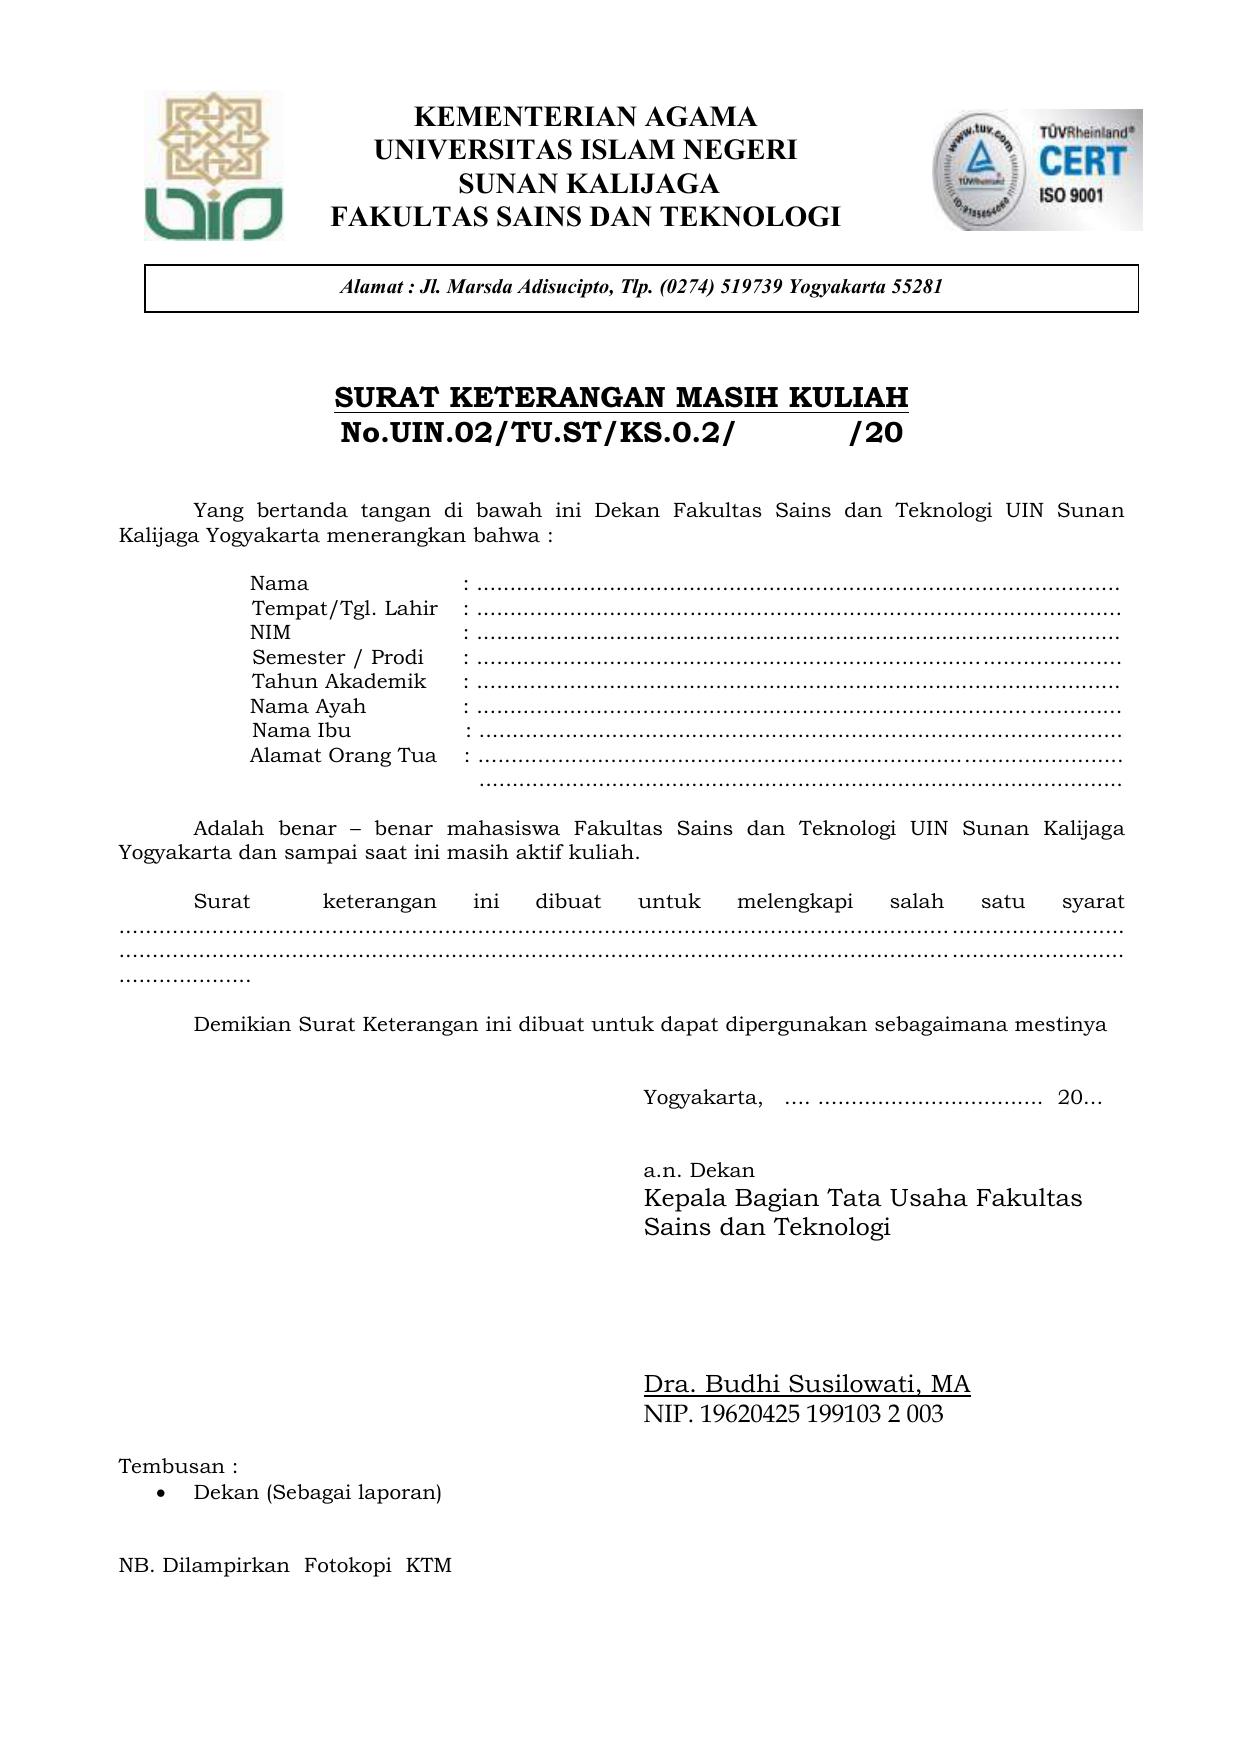 Surat Keterangan Masih Kuliah Nouin02tustks02